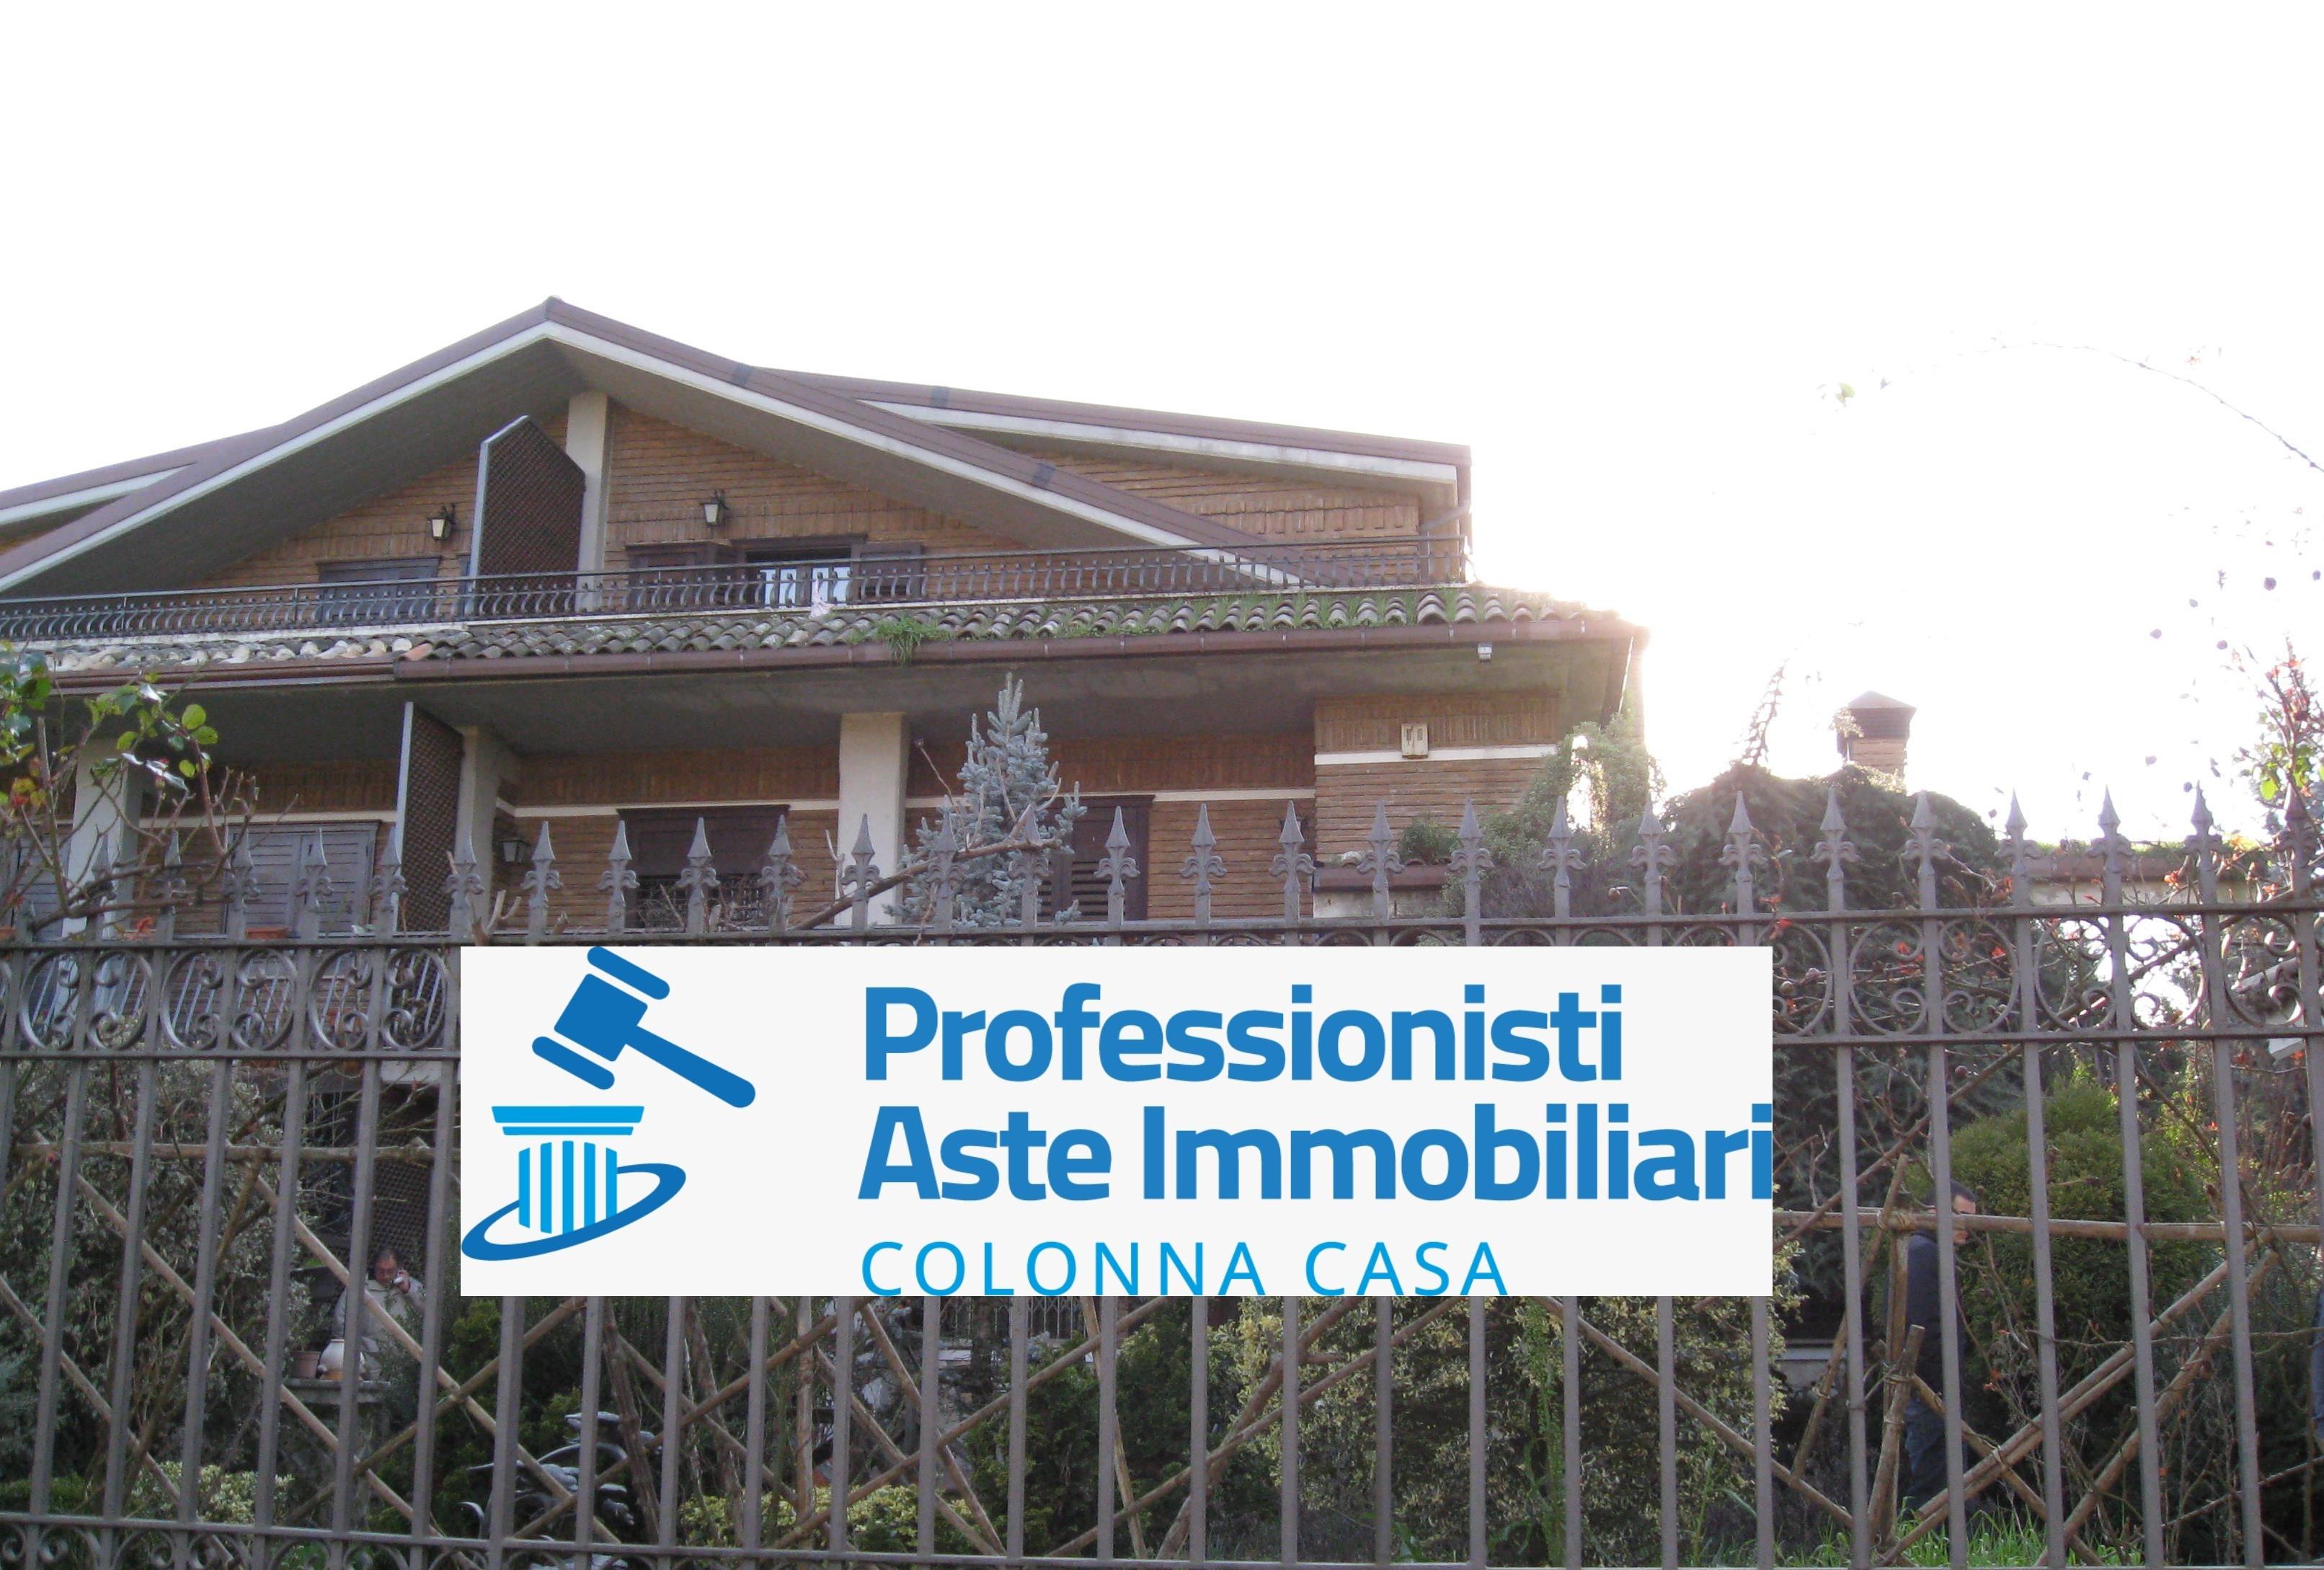 Monteforte Irpino (AV) Villa con giardino